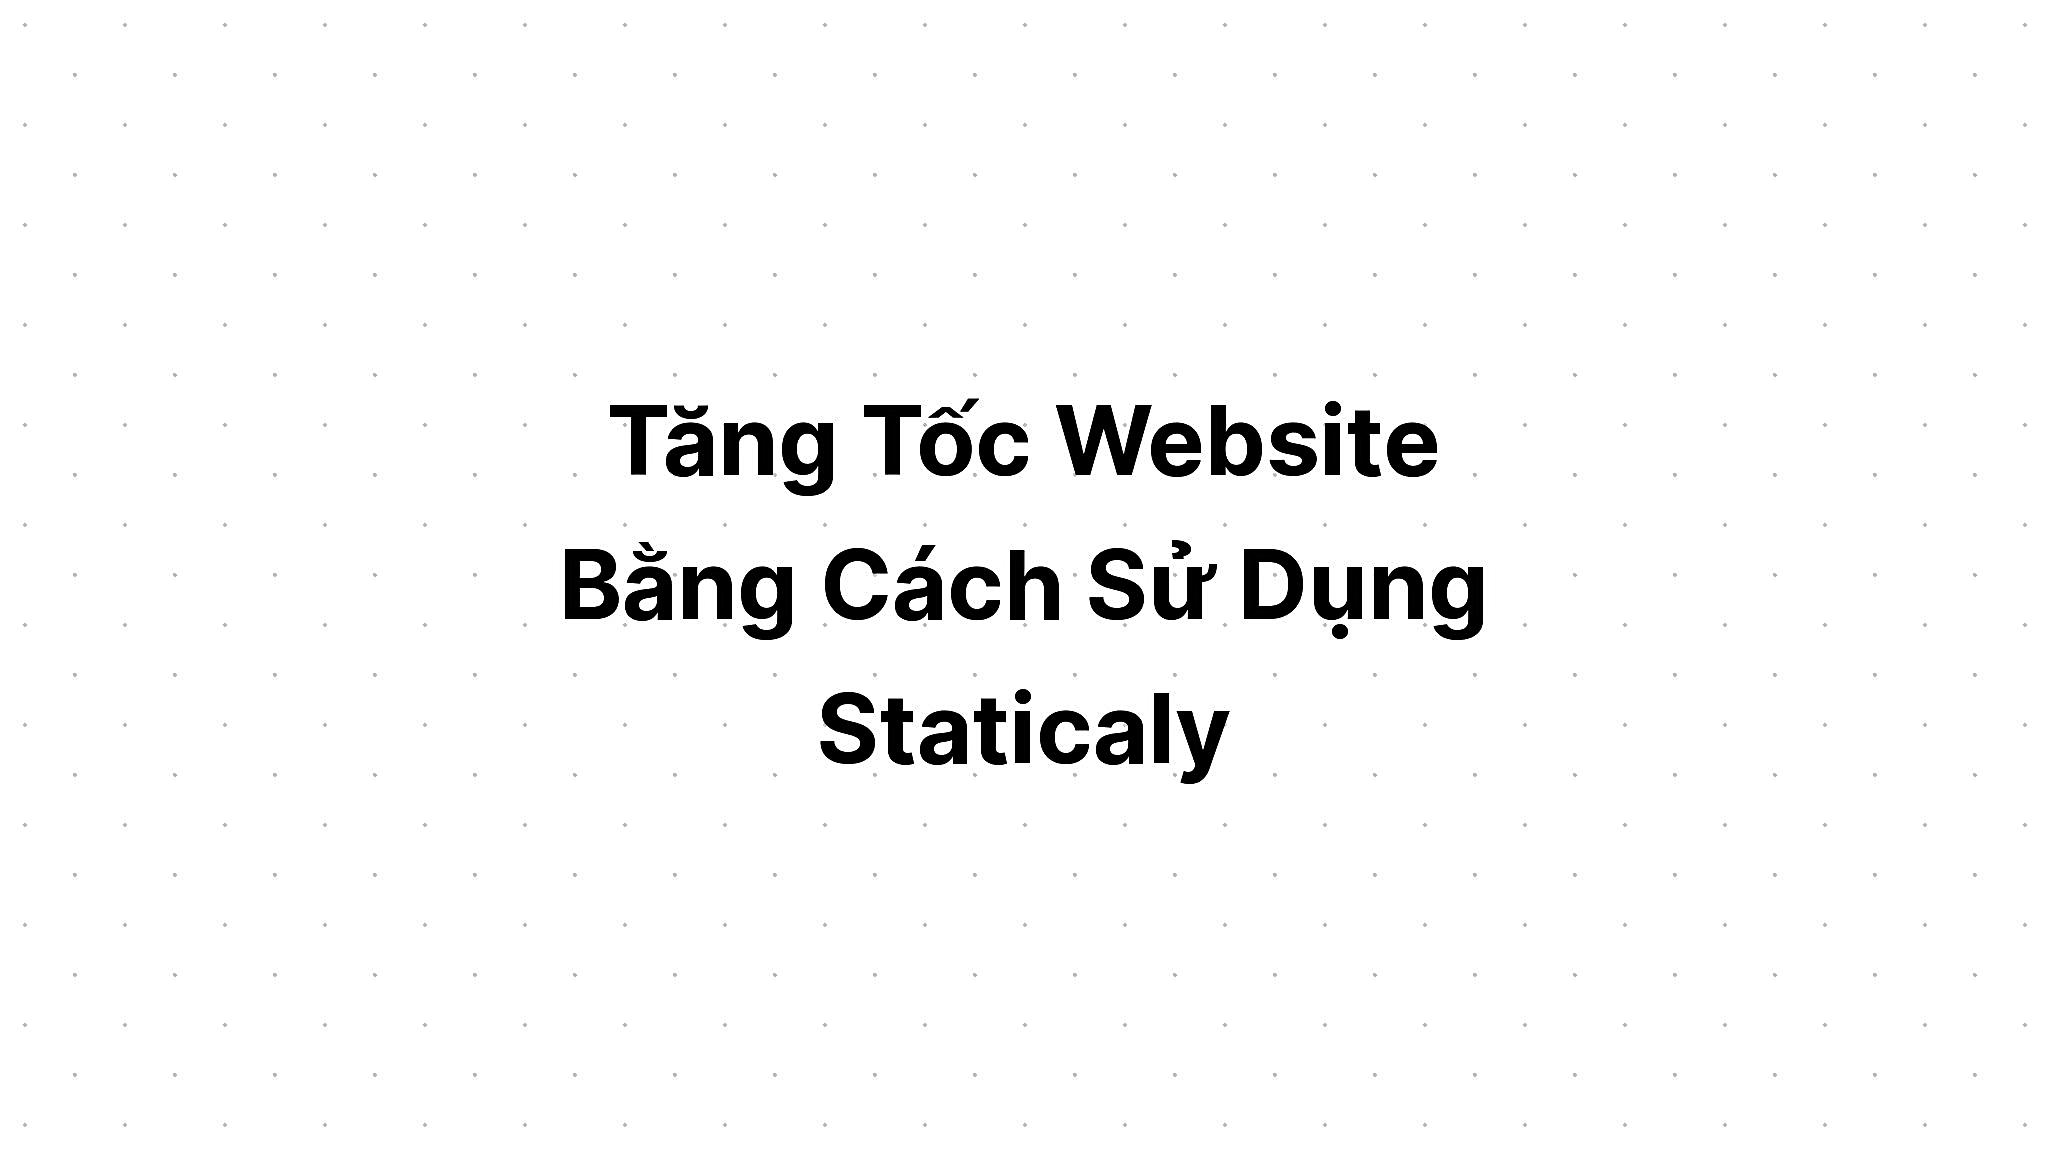 Tăng Tốc Website Bằng Cách Sử Dụng Staticaly